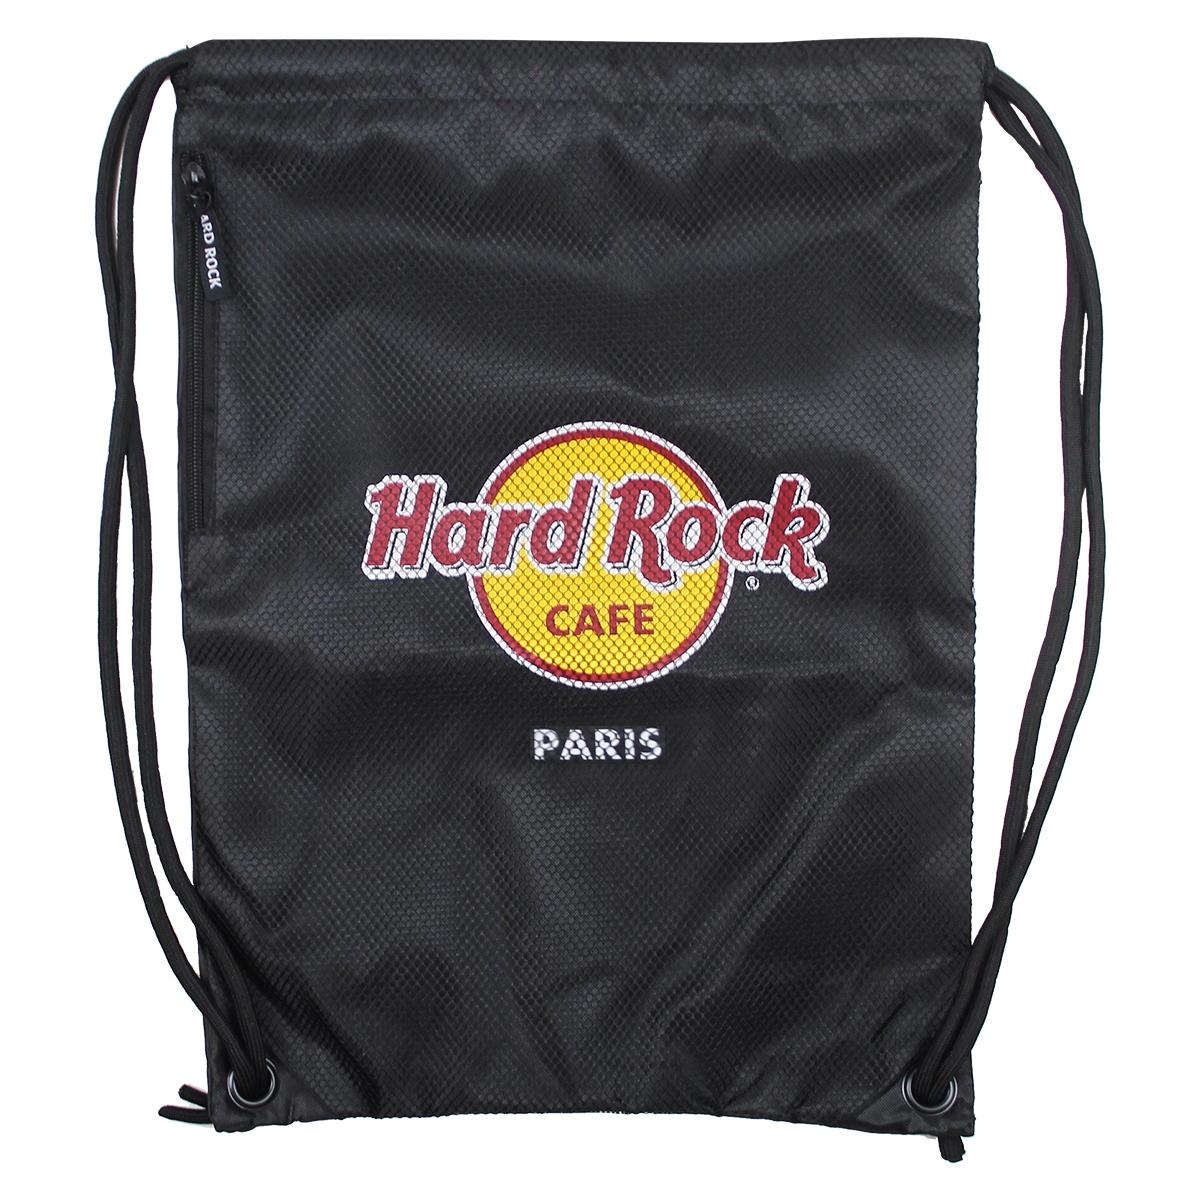 Distressed Mesh Cinch Bag, Paris 0